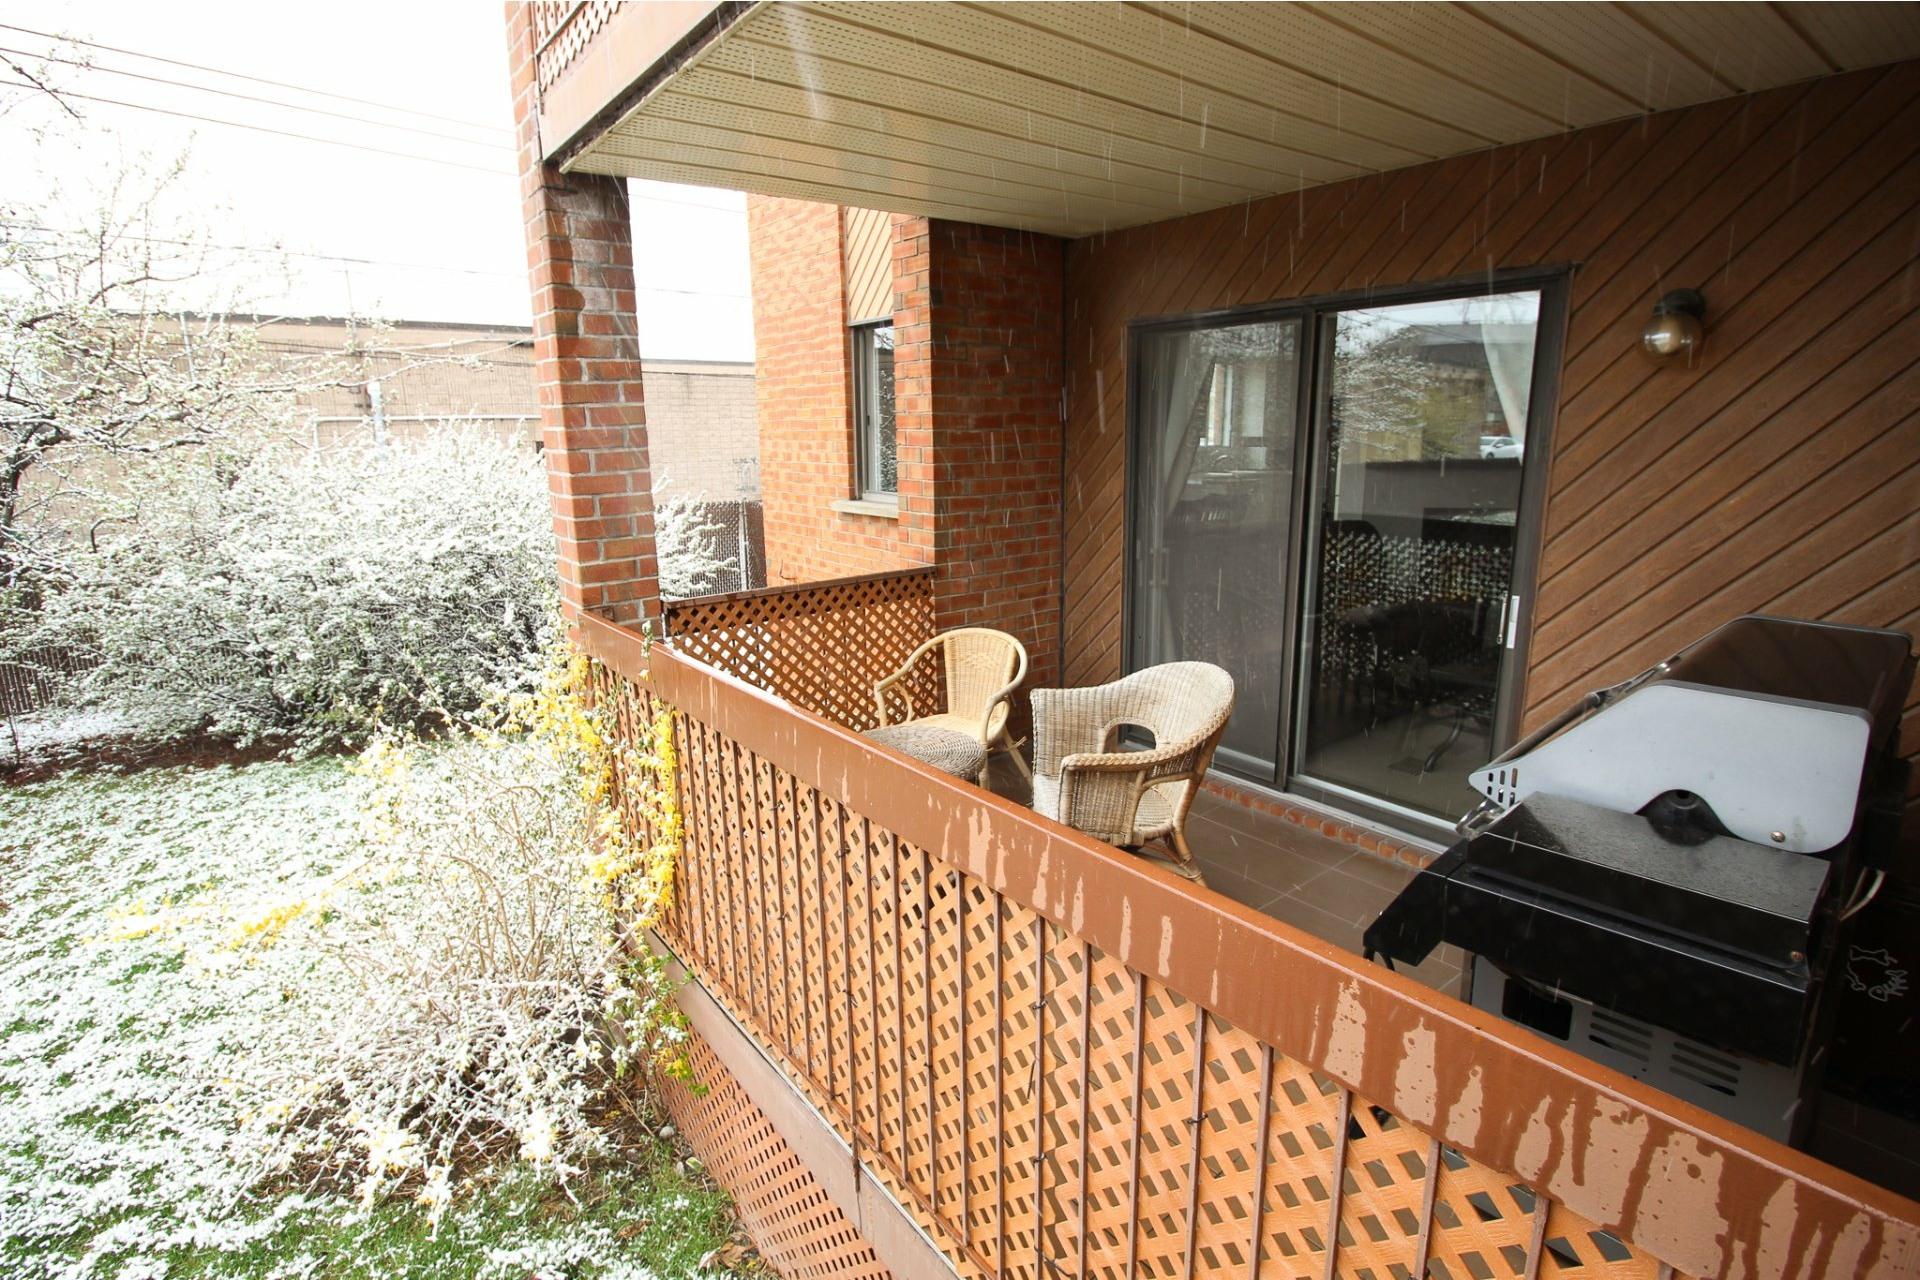 image 29 - Appartement À vendre Rivière-des-Prairies/Pointe-aux-Trembles Montréal  - 5 pièces